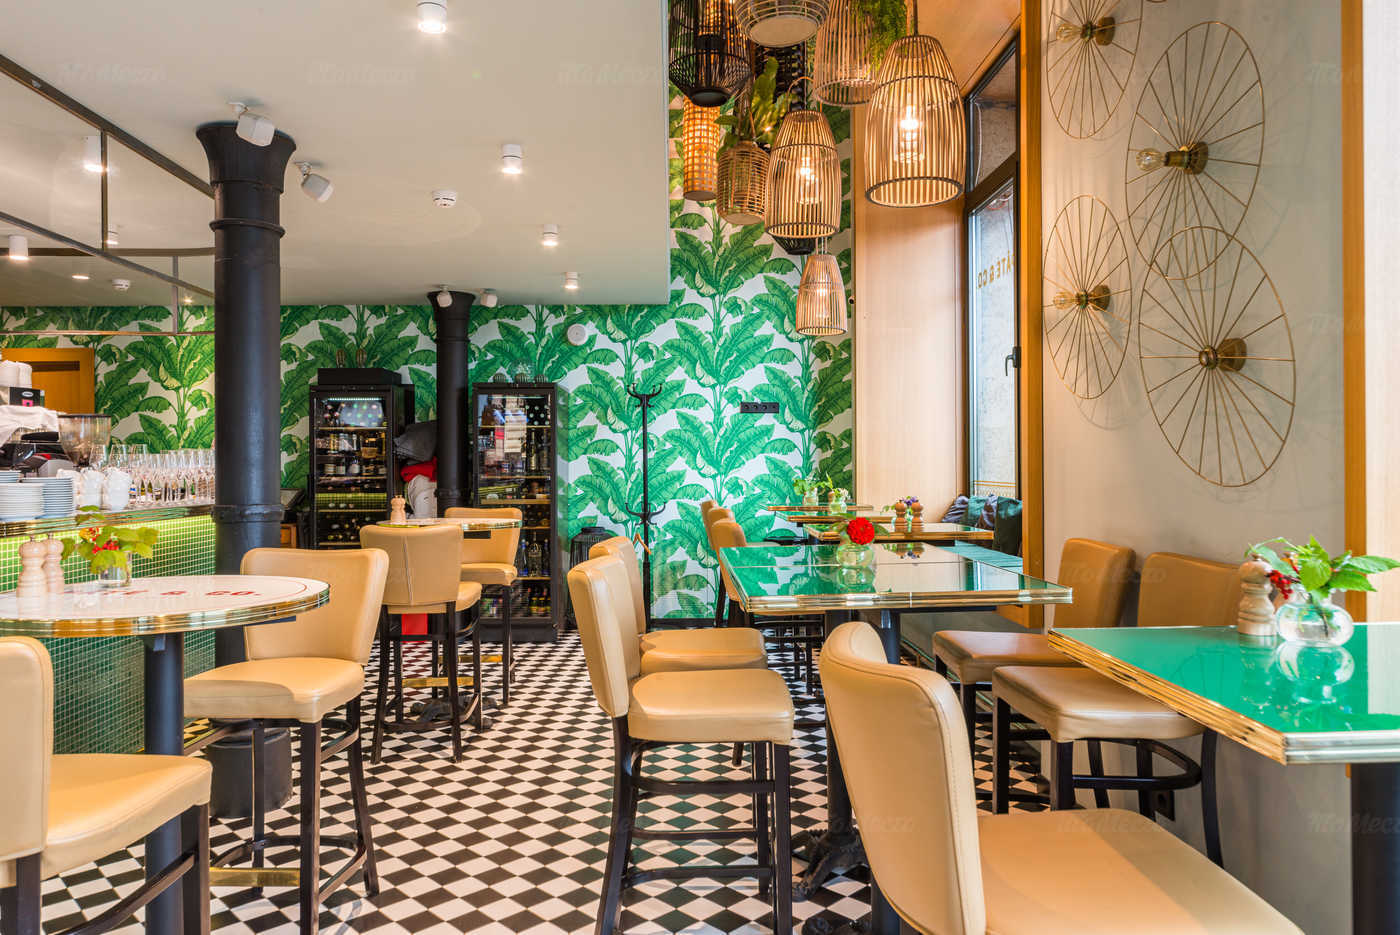 Ресторан Pate & Co на улице Балчуг фото 24